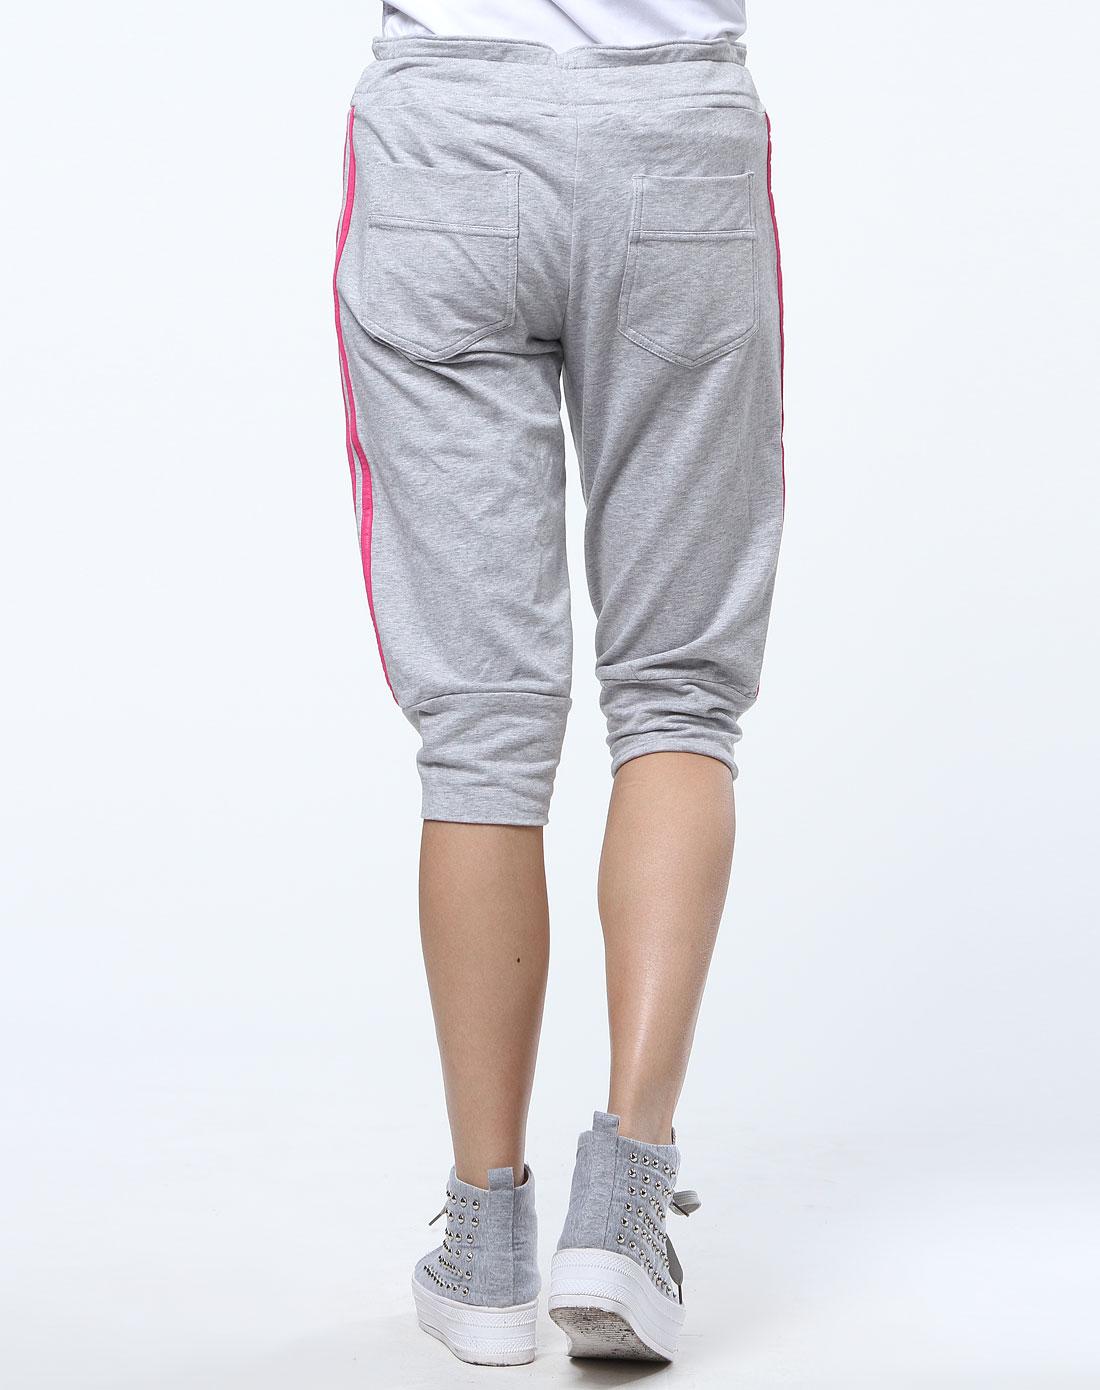 阿迪达斯adidas灰玫红色侧条纹运动中裤v35560